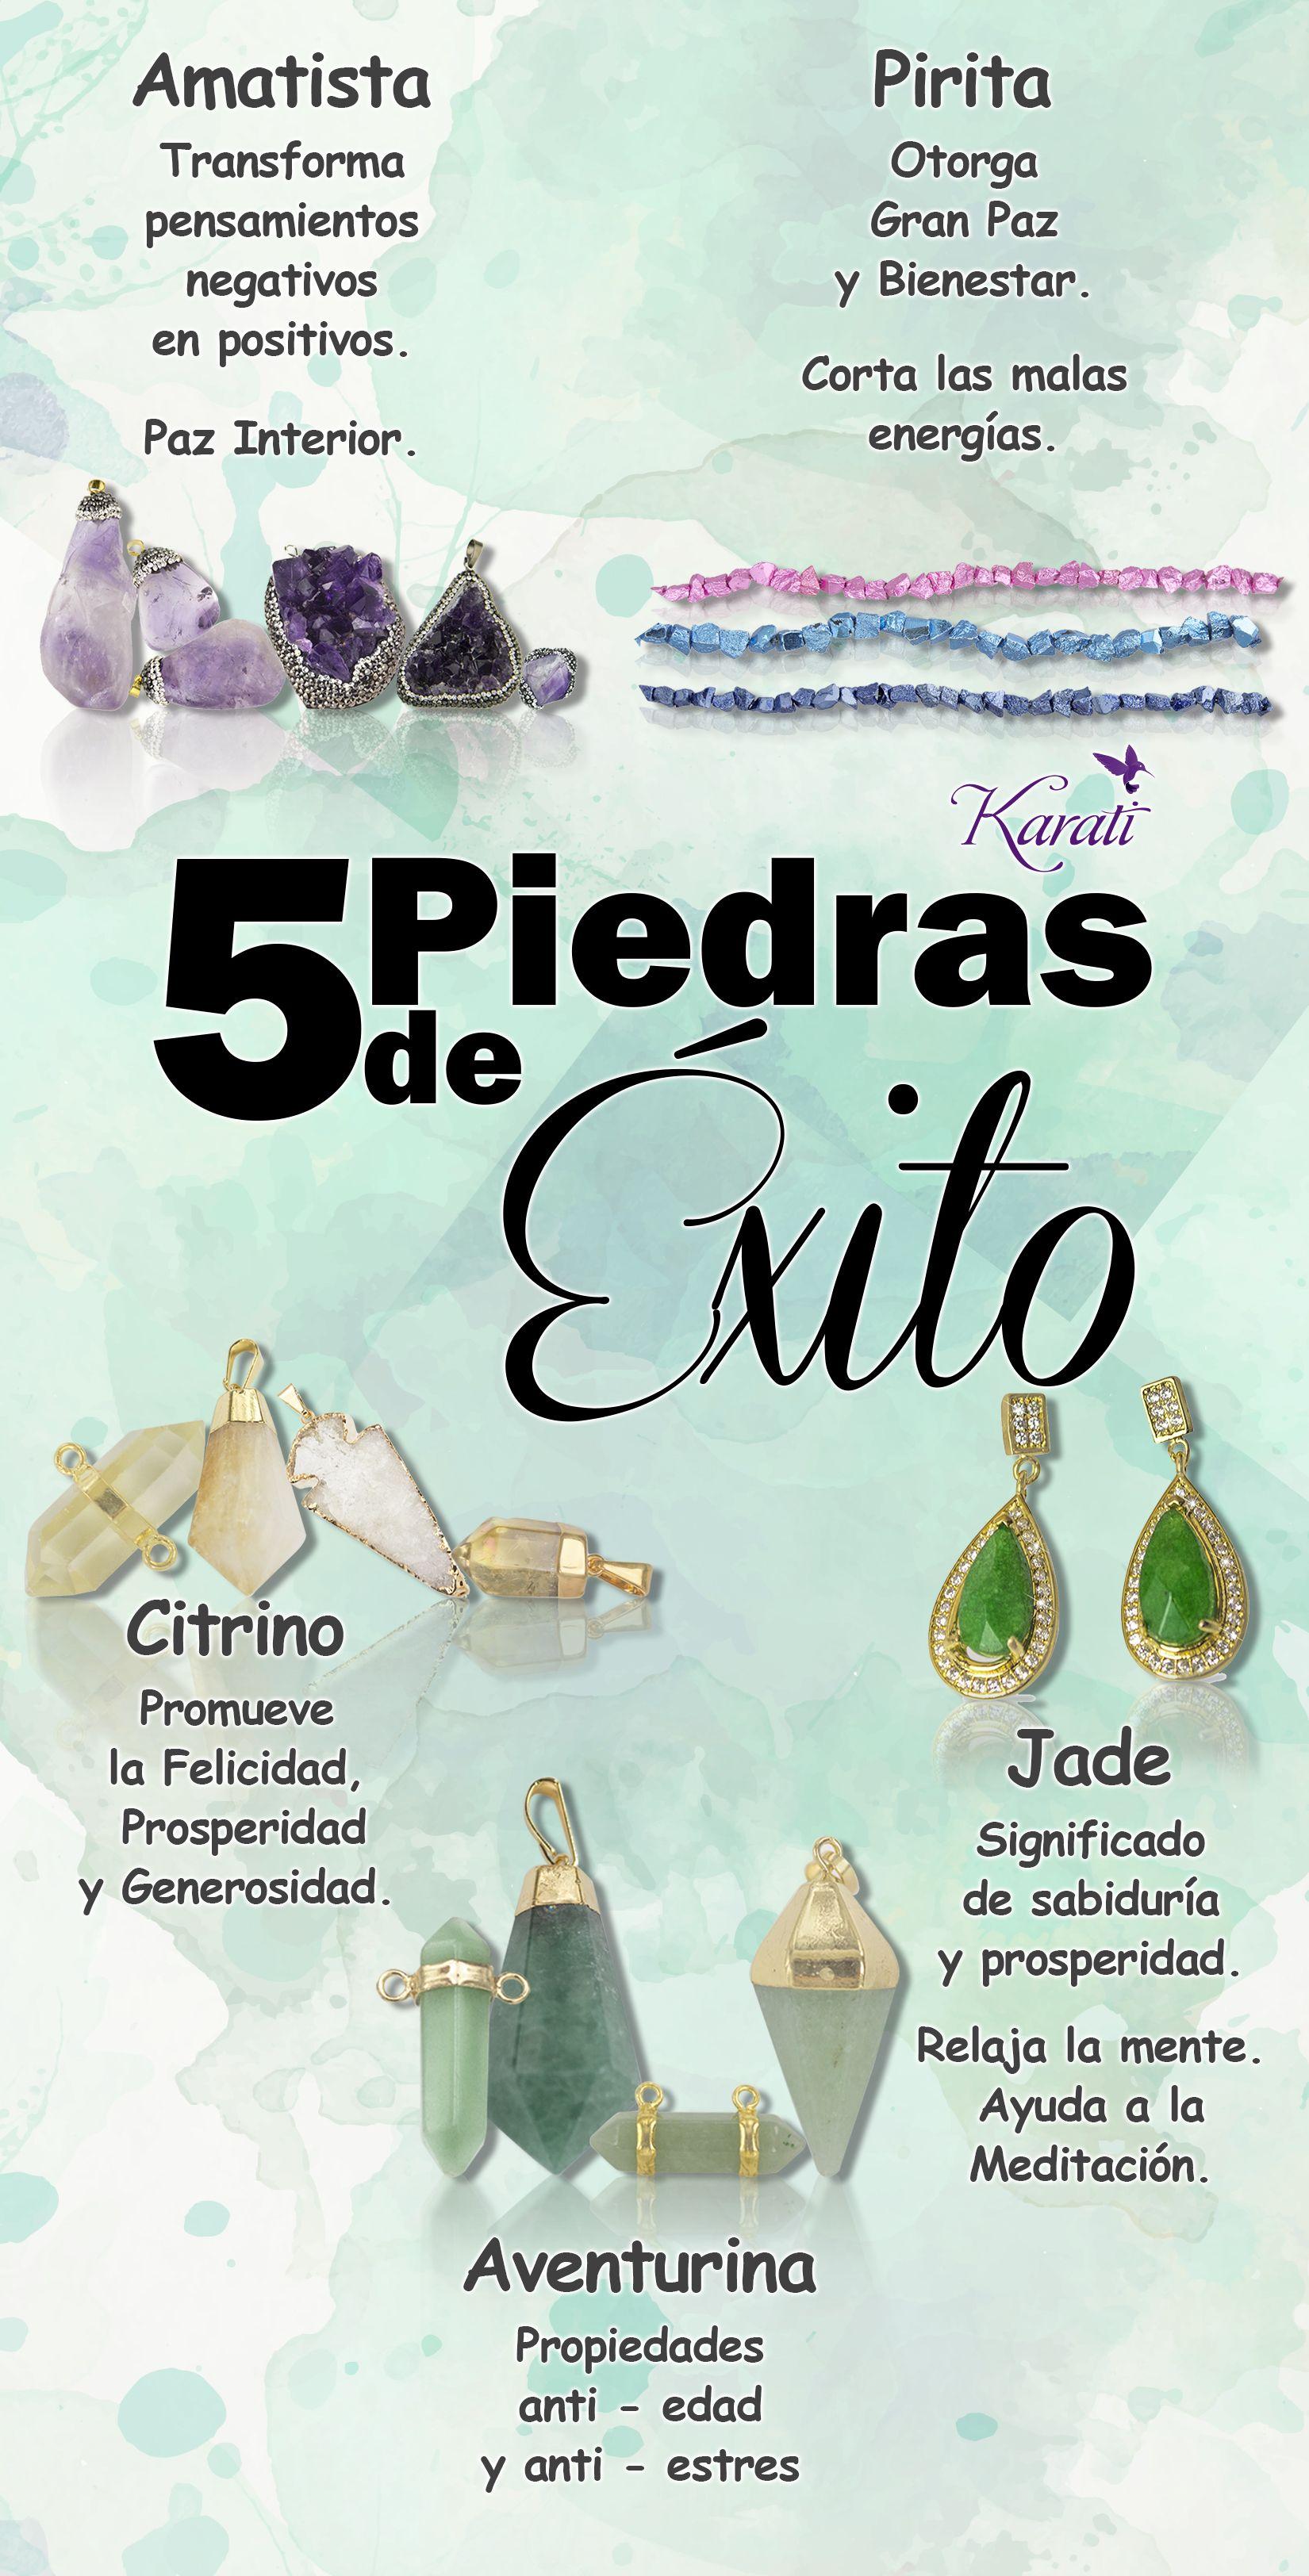 5 piedras de xito citrino amatista pirita jade - Tipos de piedras naturales ...